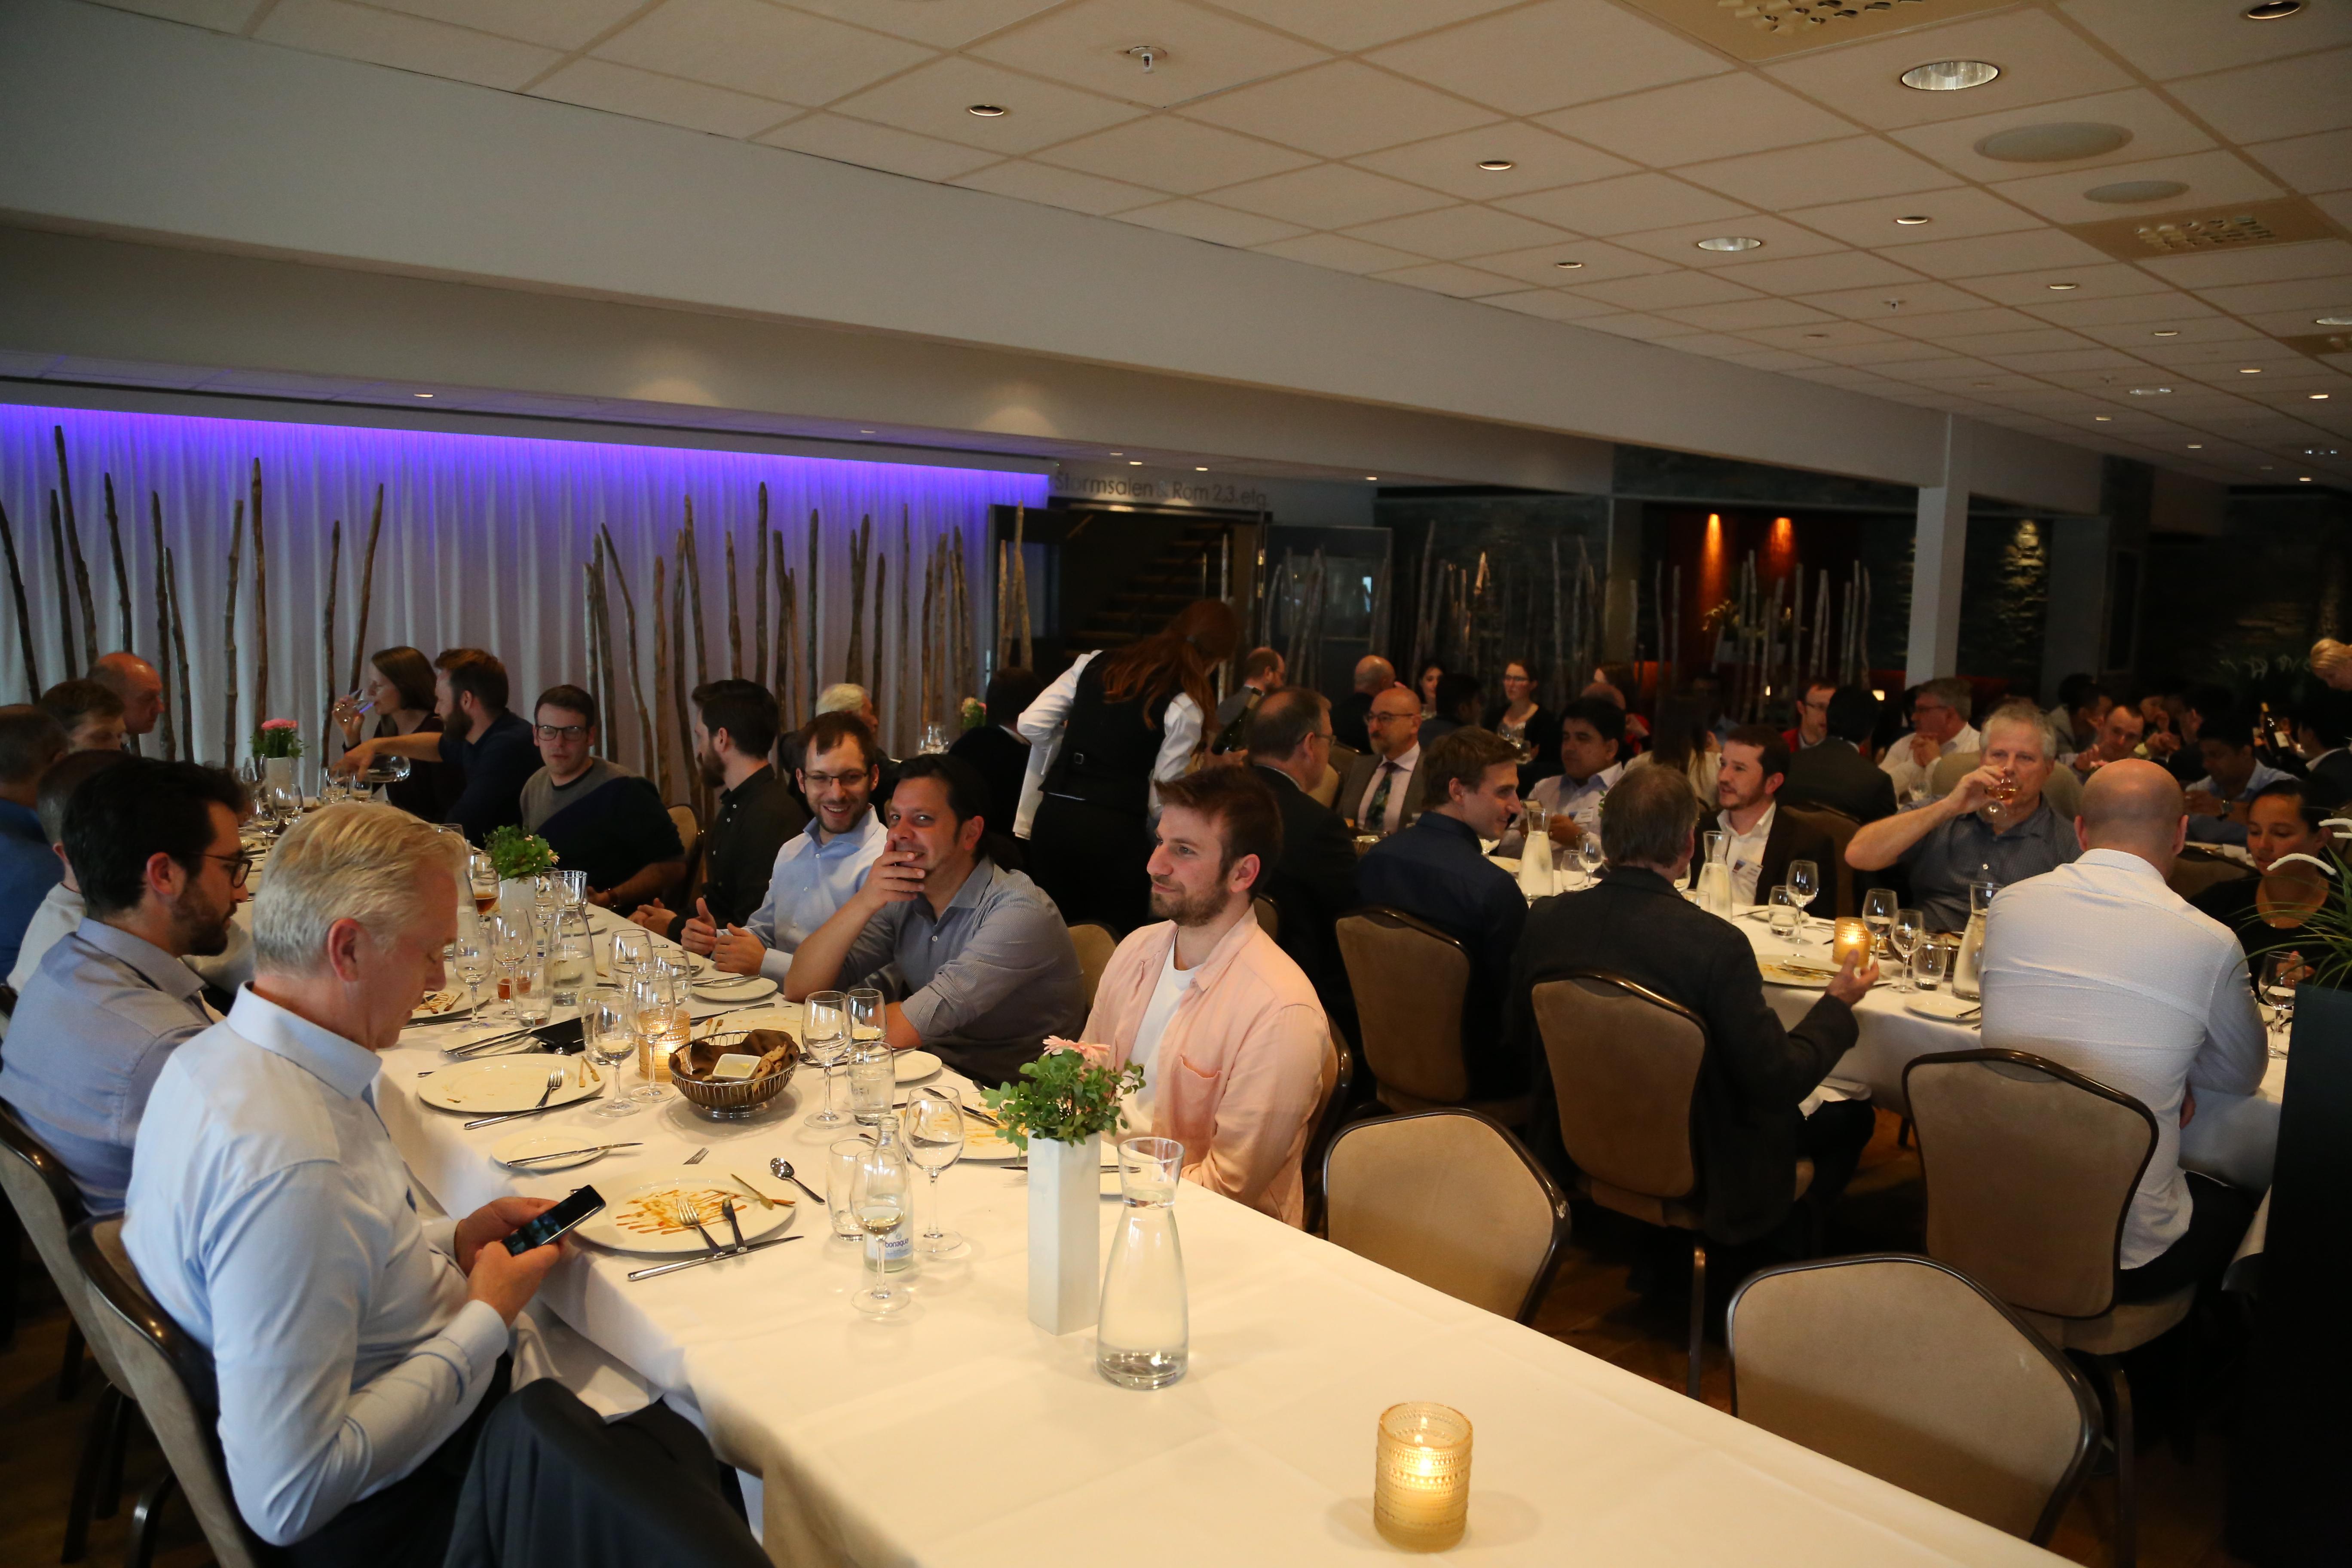 Sesi makan malam yang bertempat di restoran di Resort dan Hotel Panorama.